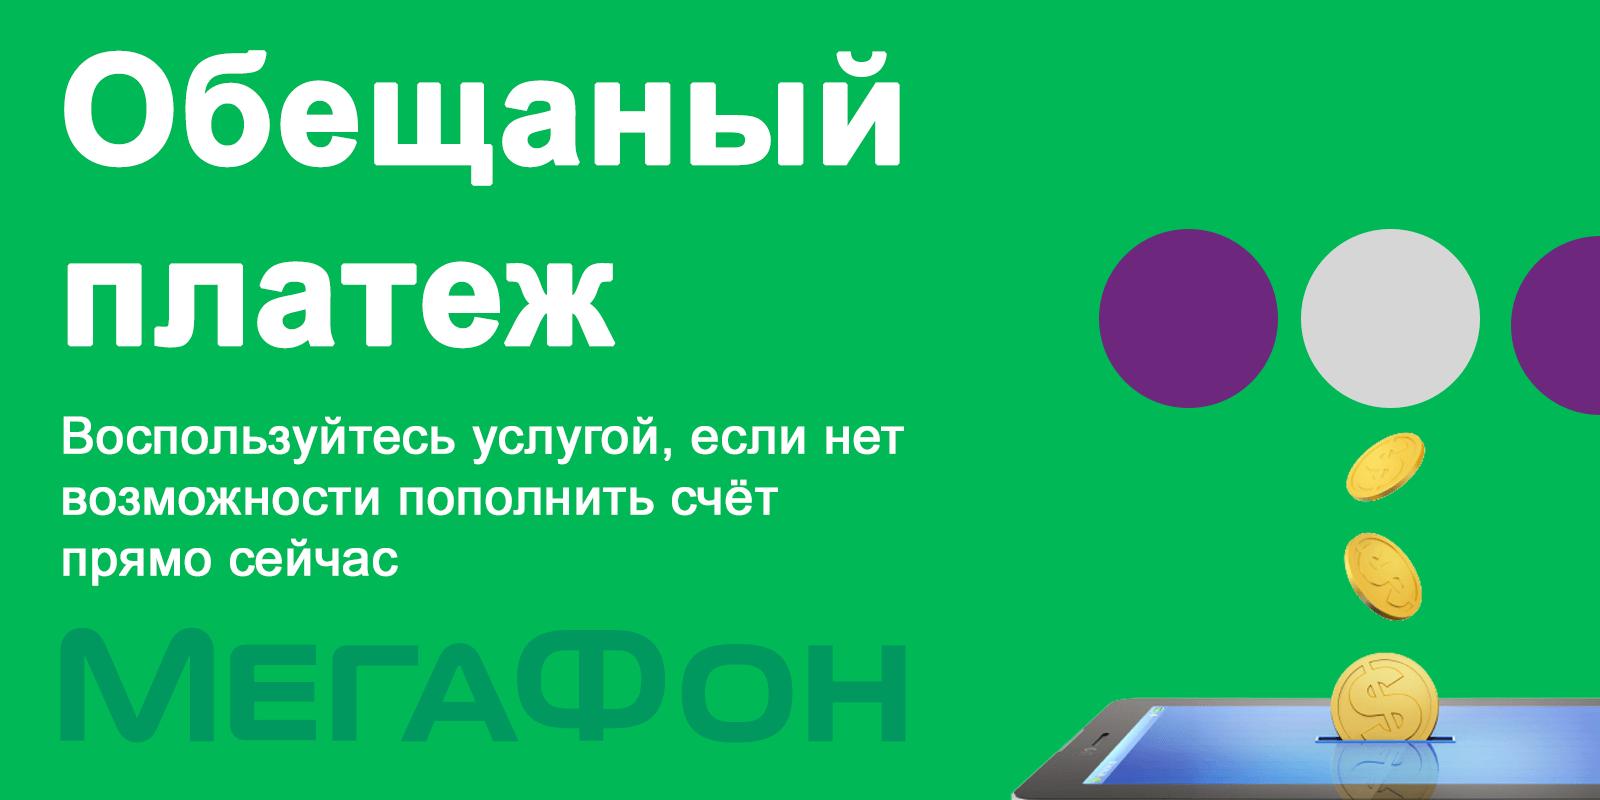 site-obeshanniy-platezh-megafon-banner.png